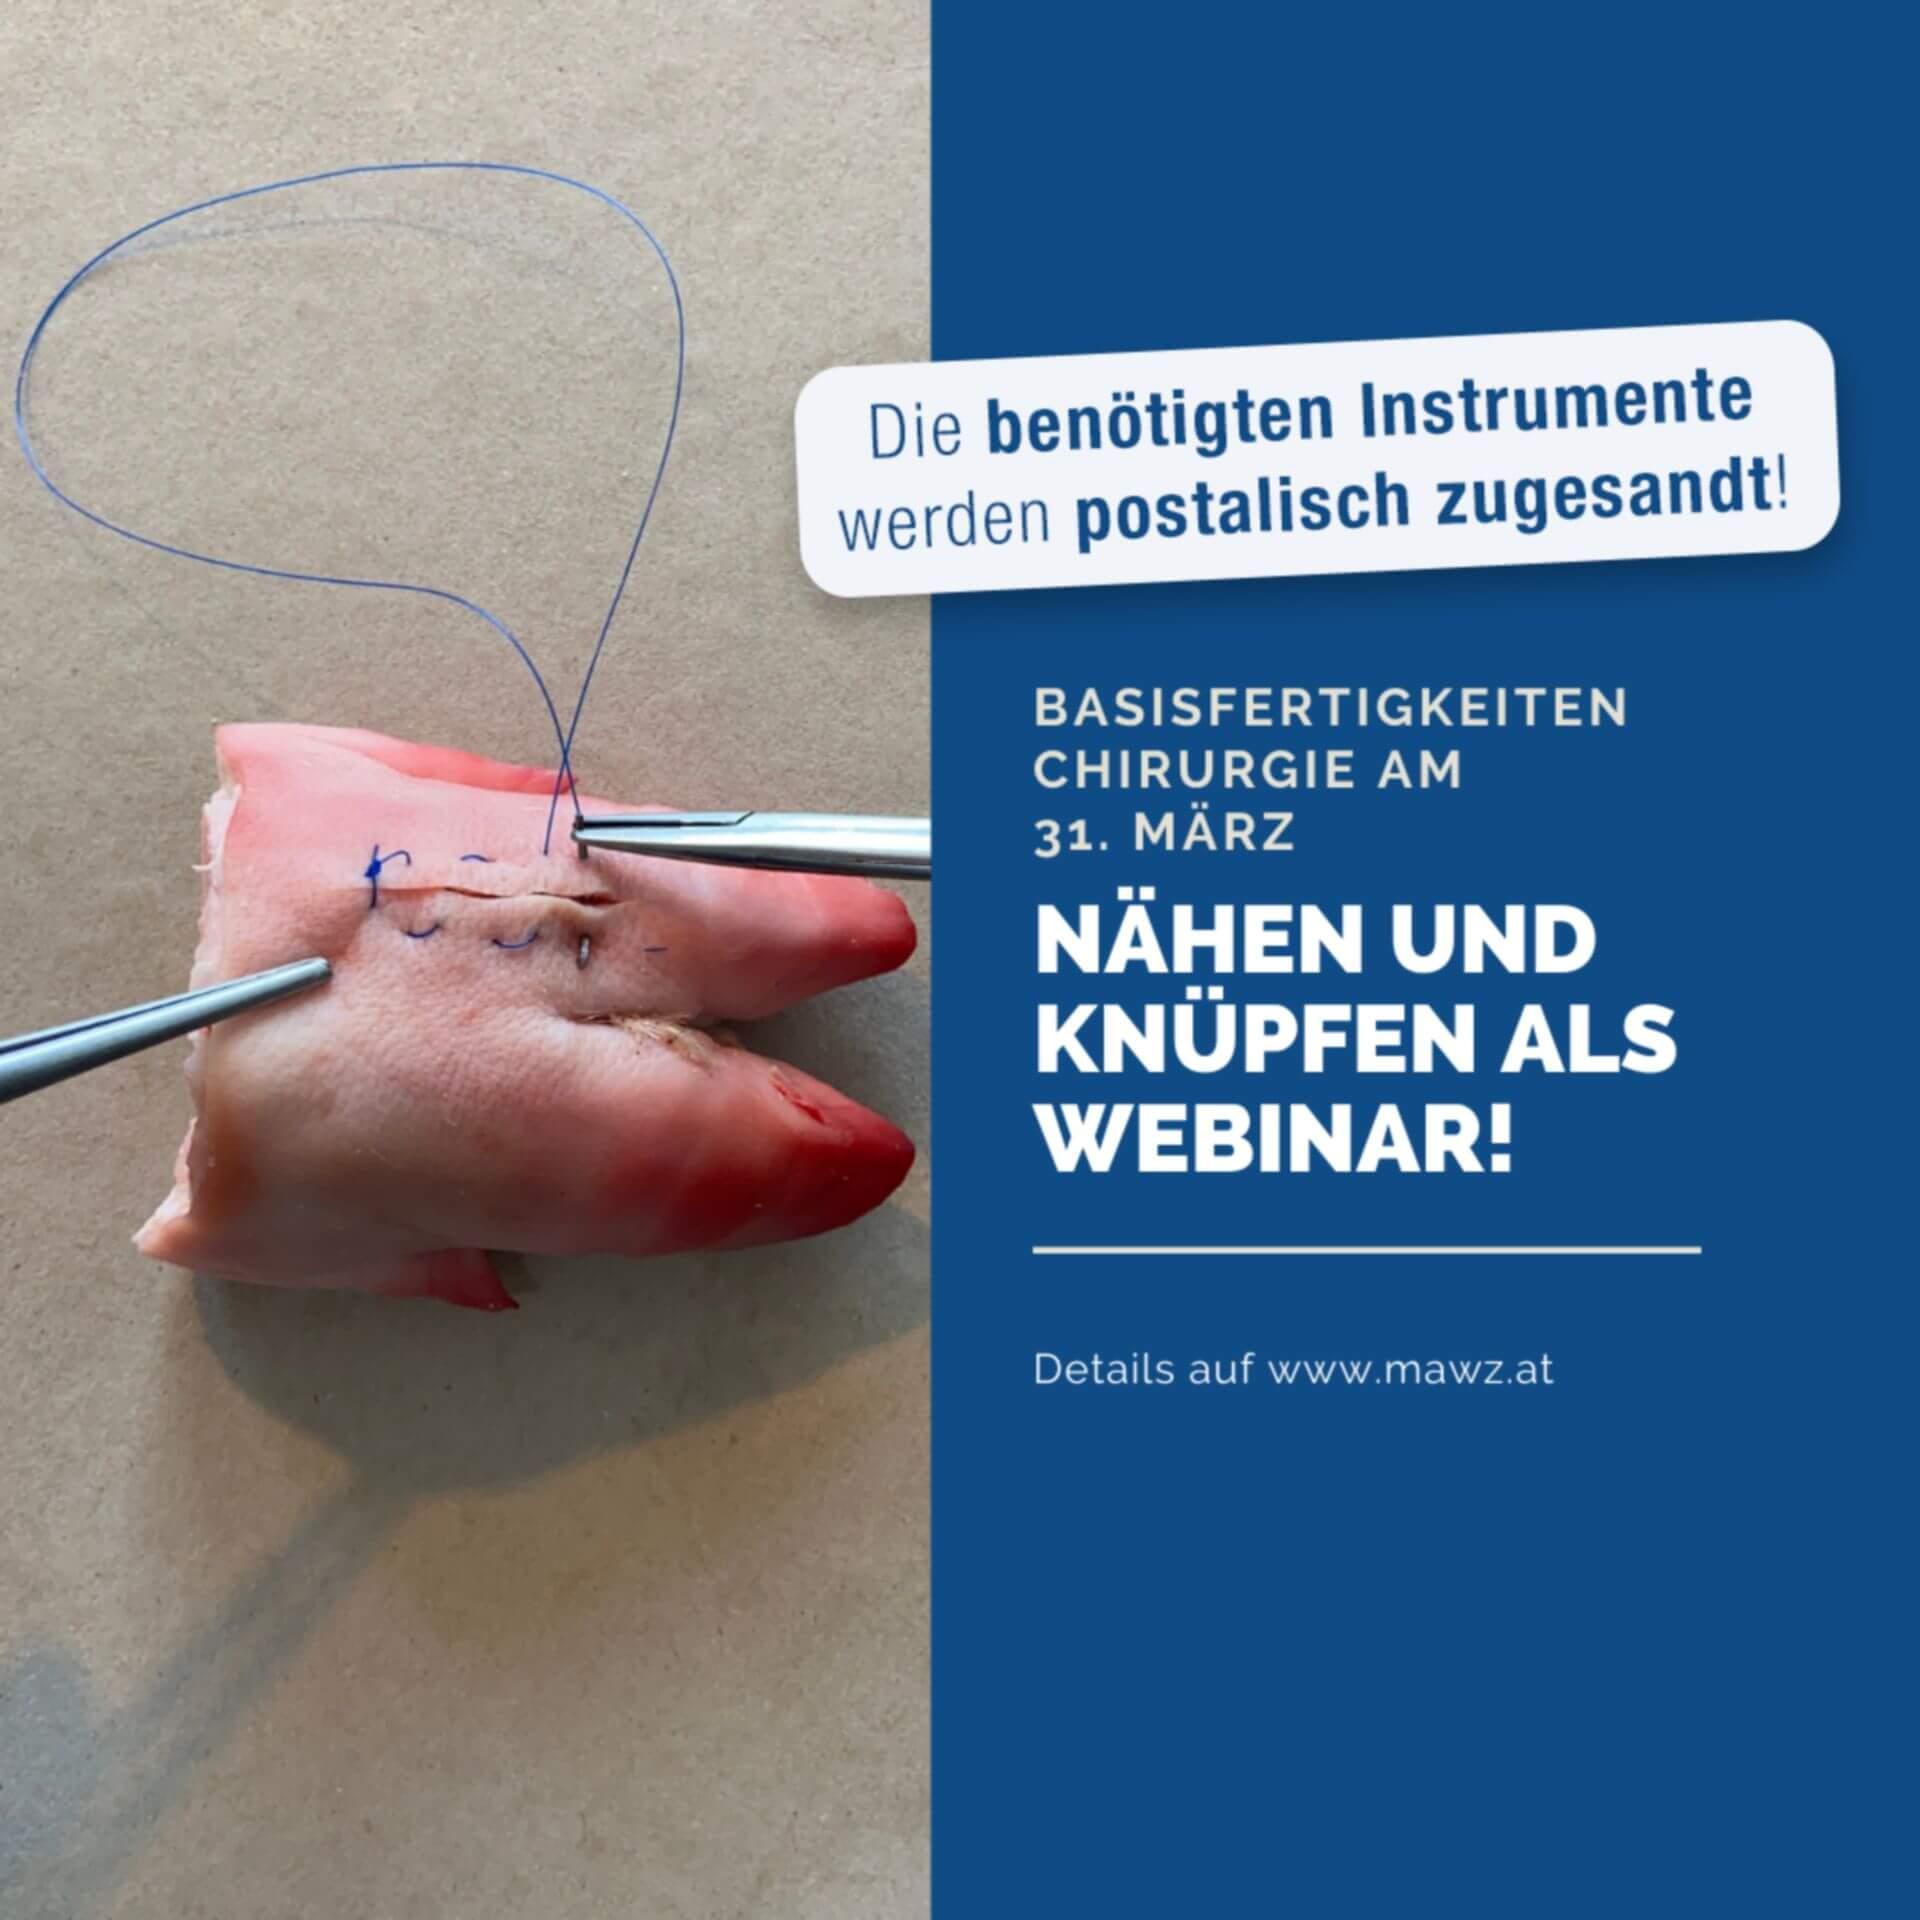 Basisfertigkeiten Chirurgie als Webinar